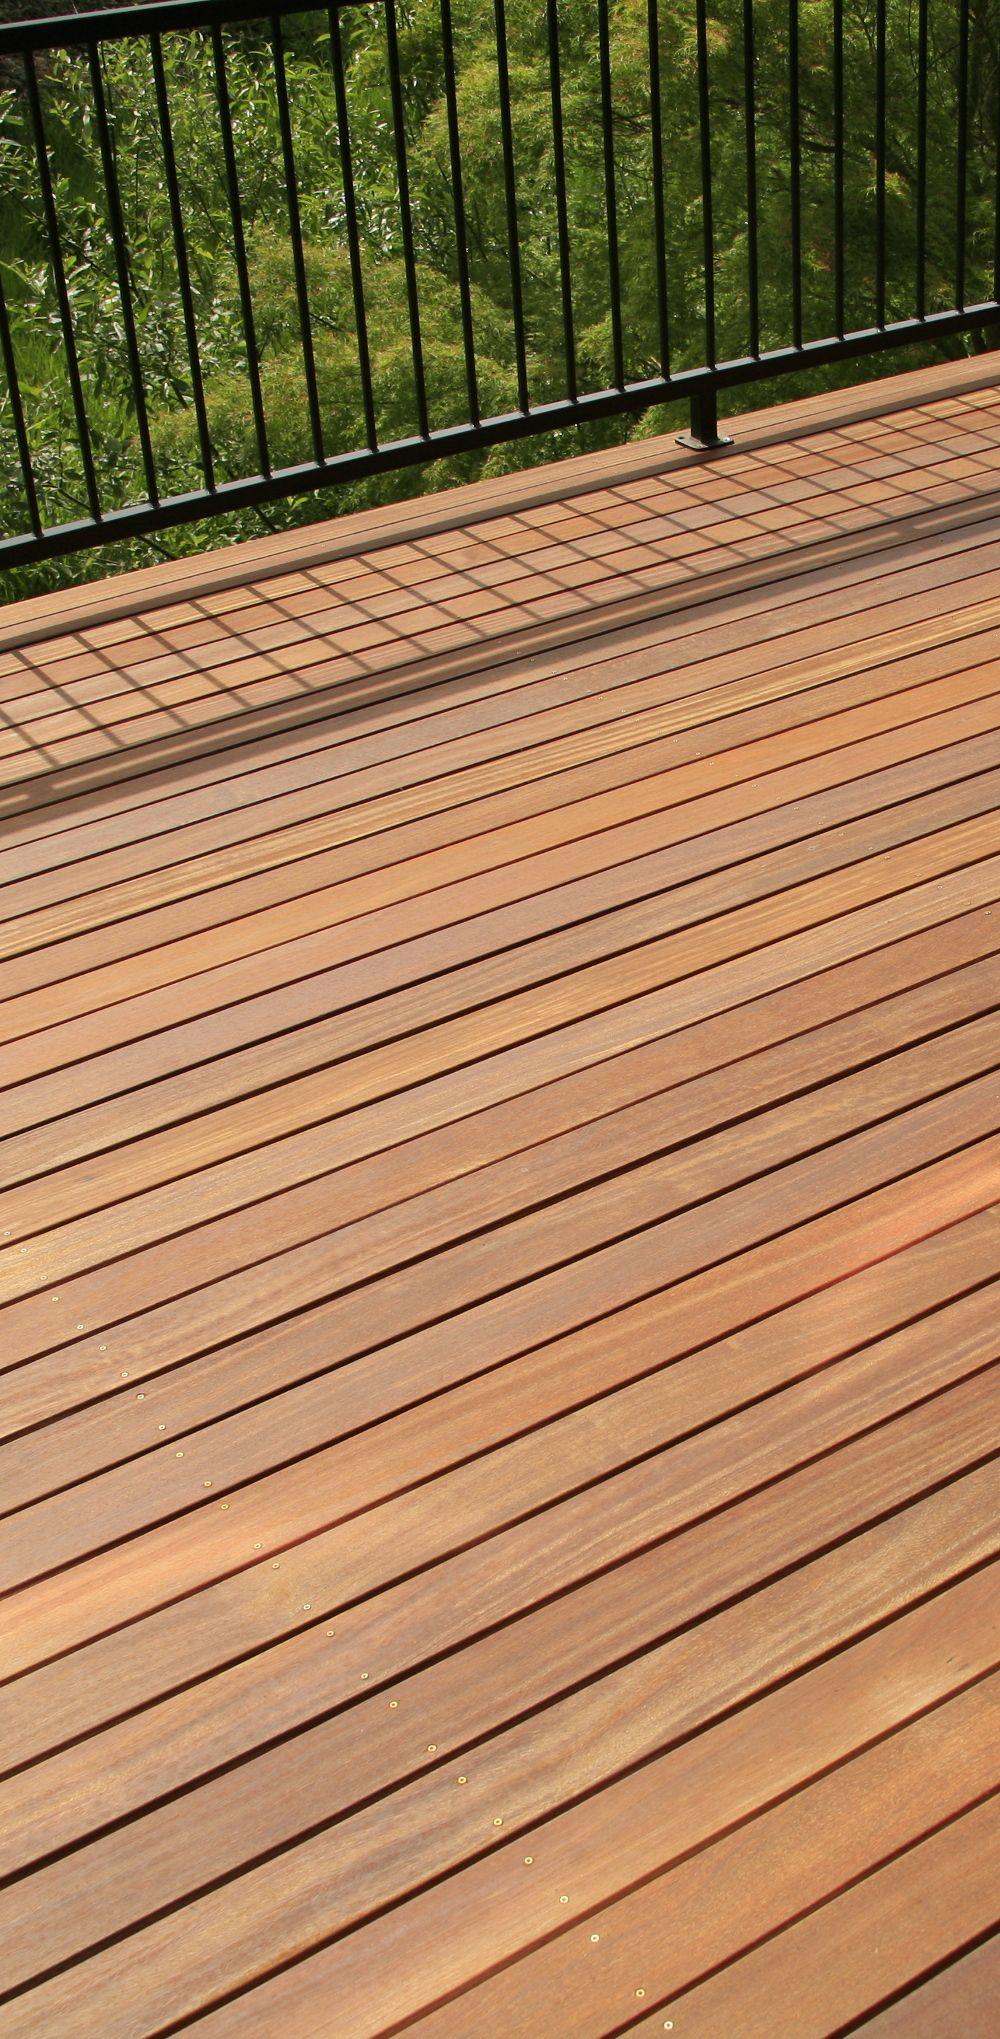 Cumaru Hardwood Deck Stainless Steel Screws Deck Fastener Techniques Metal Railing Wood Deck Hardwood Decking Cumaru Decking Metal Railings